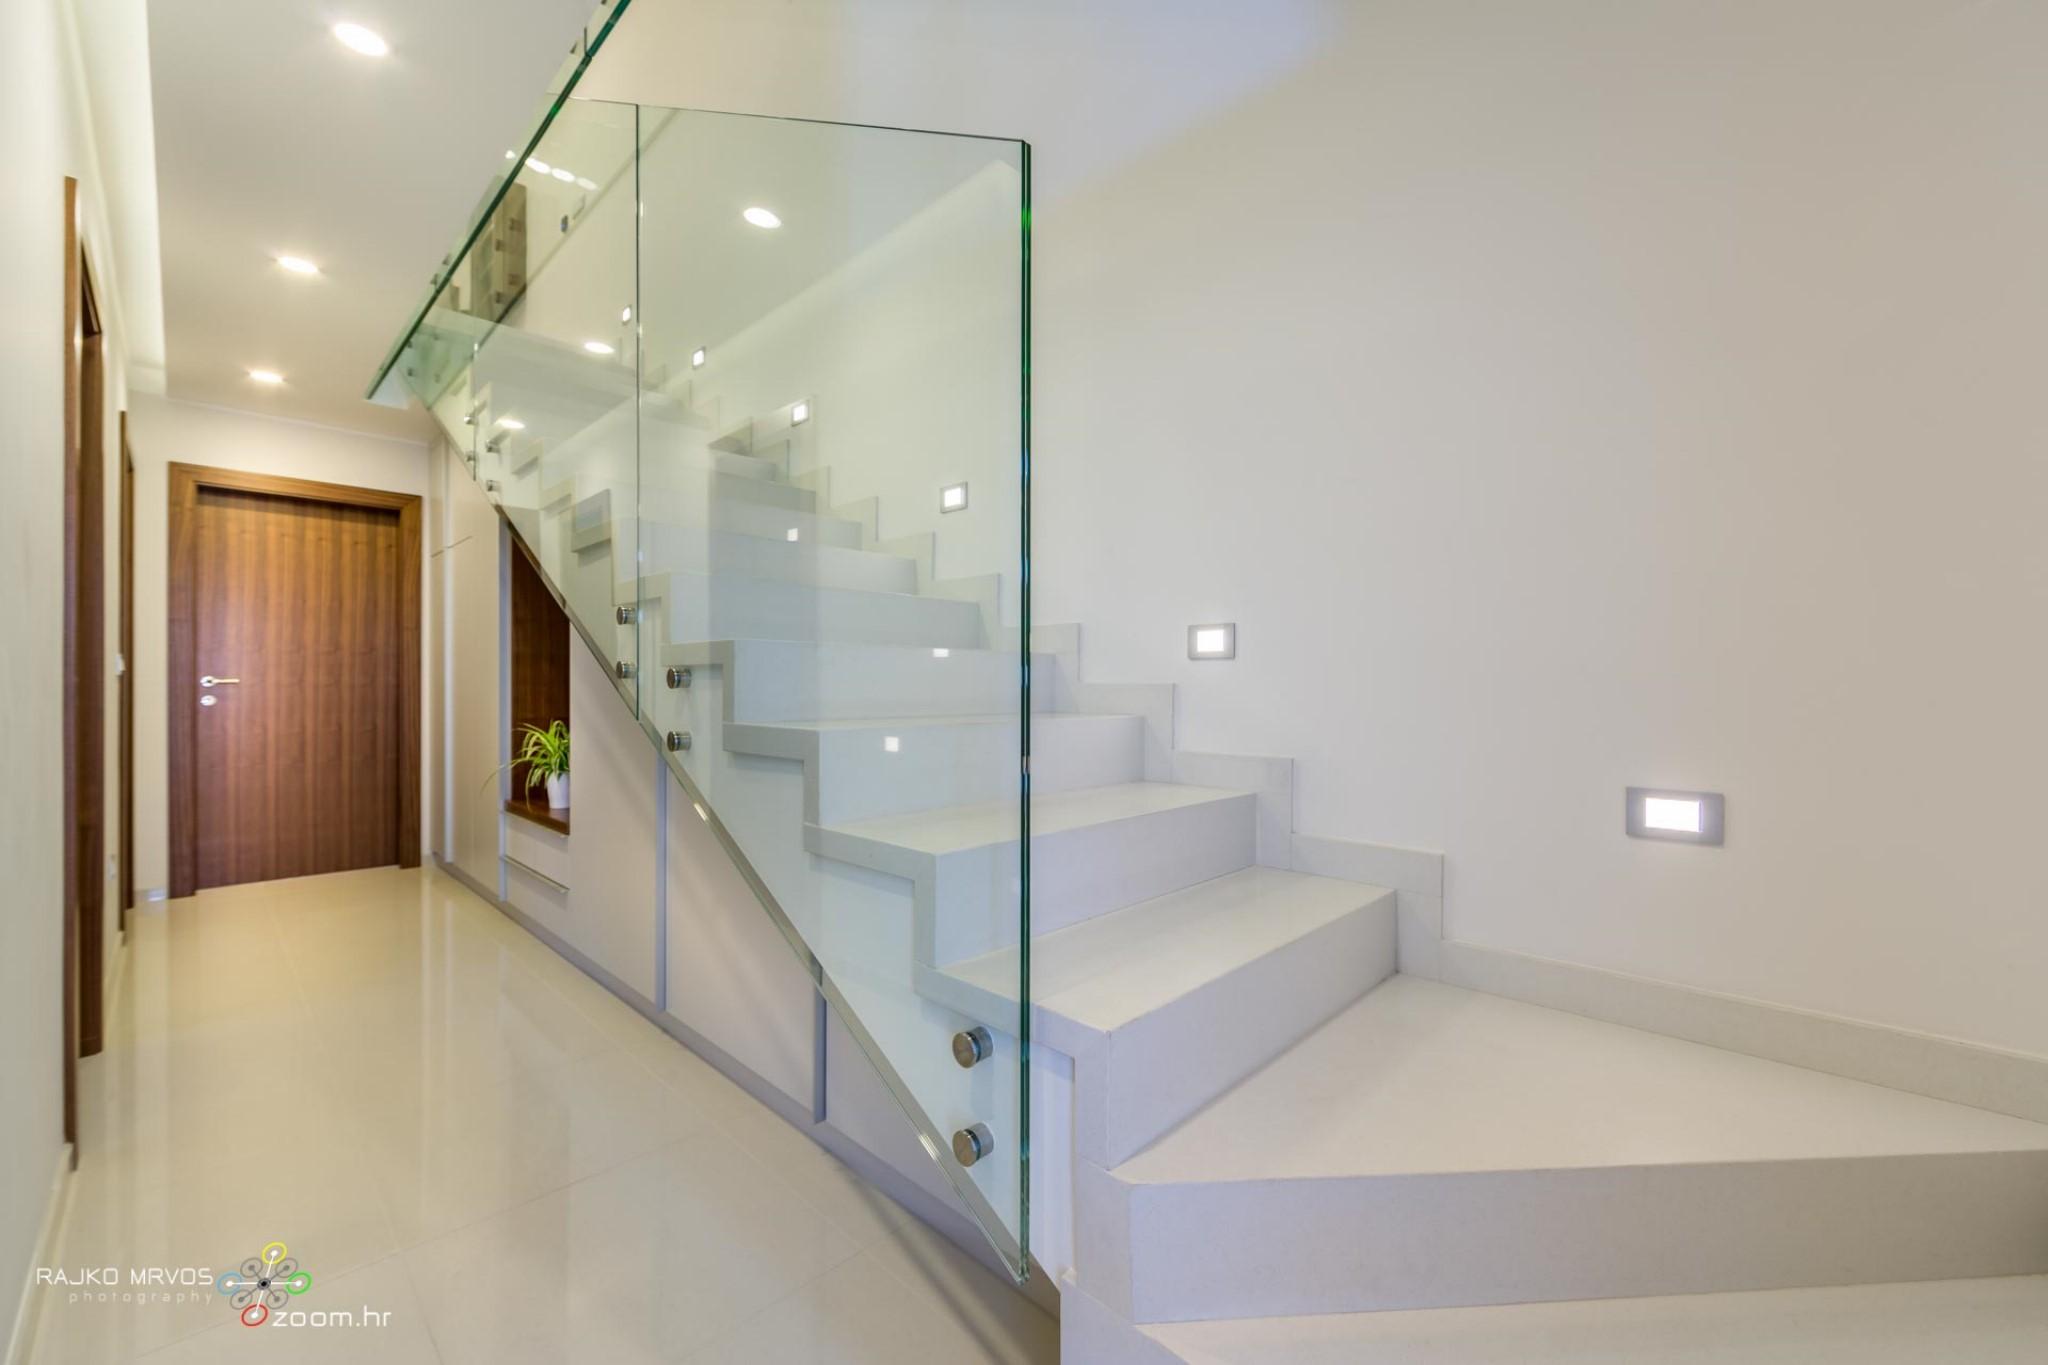 fotografiranje-interijera-fotograf-eksterijera-apartmana-vila-kuca-hotela-apartman-Pobri-Opatija-4